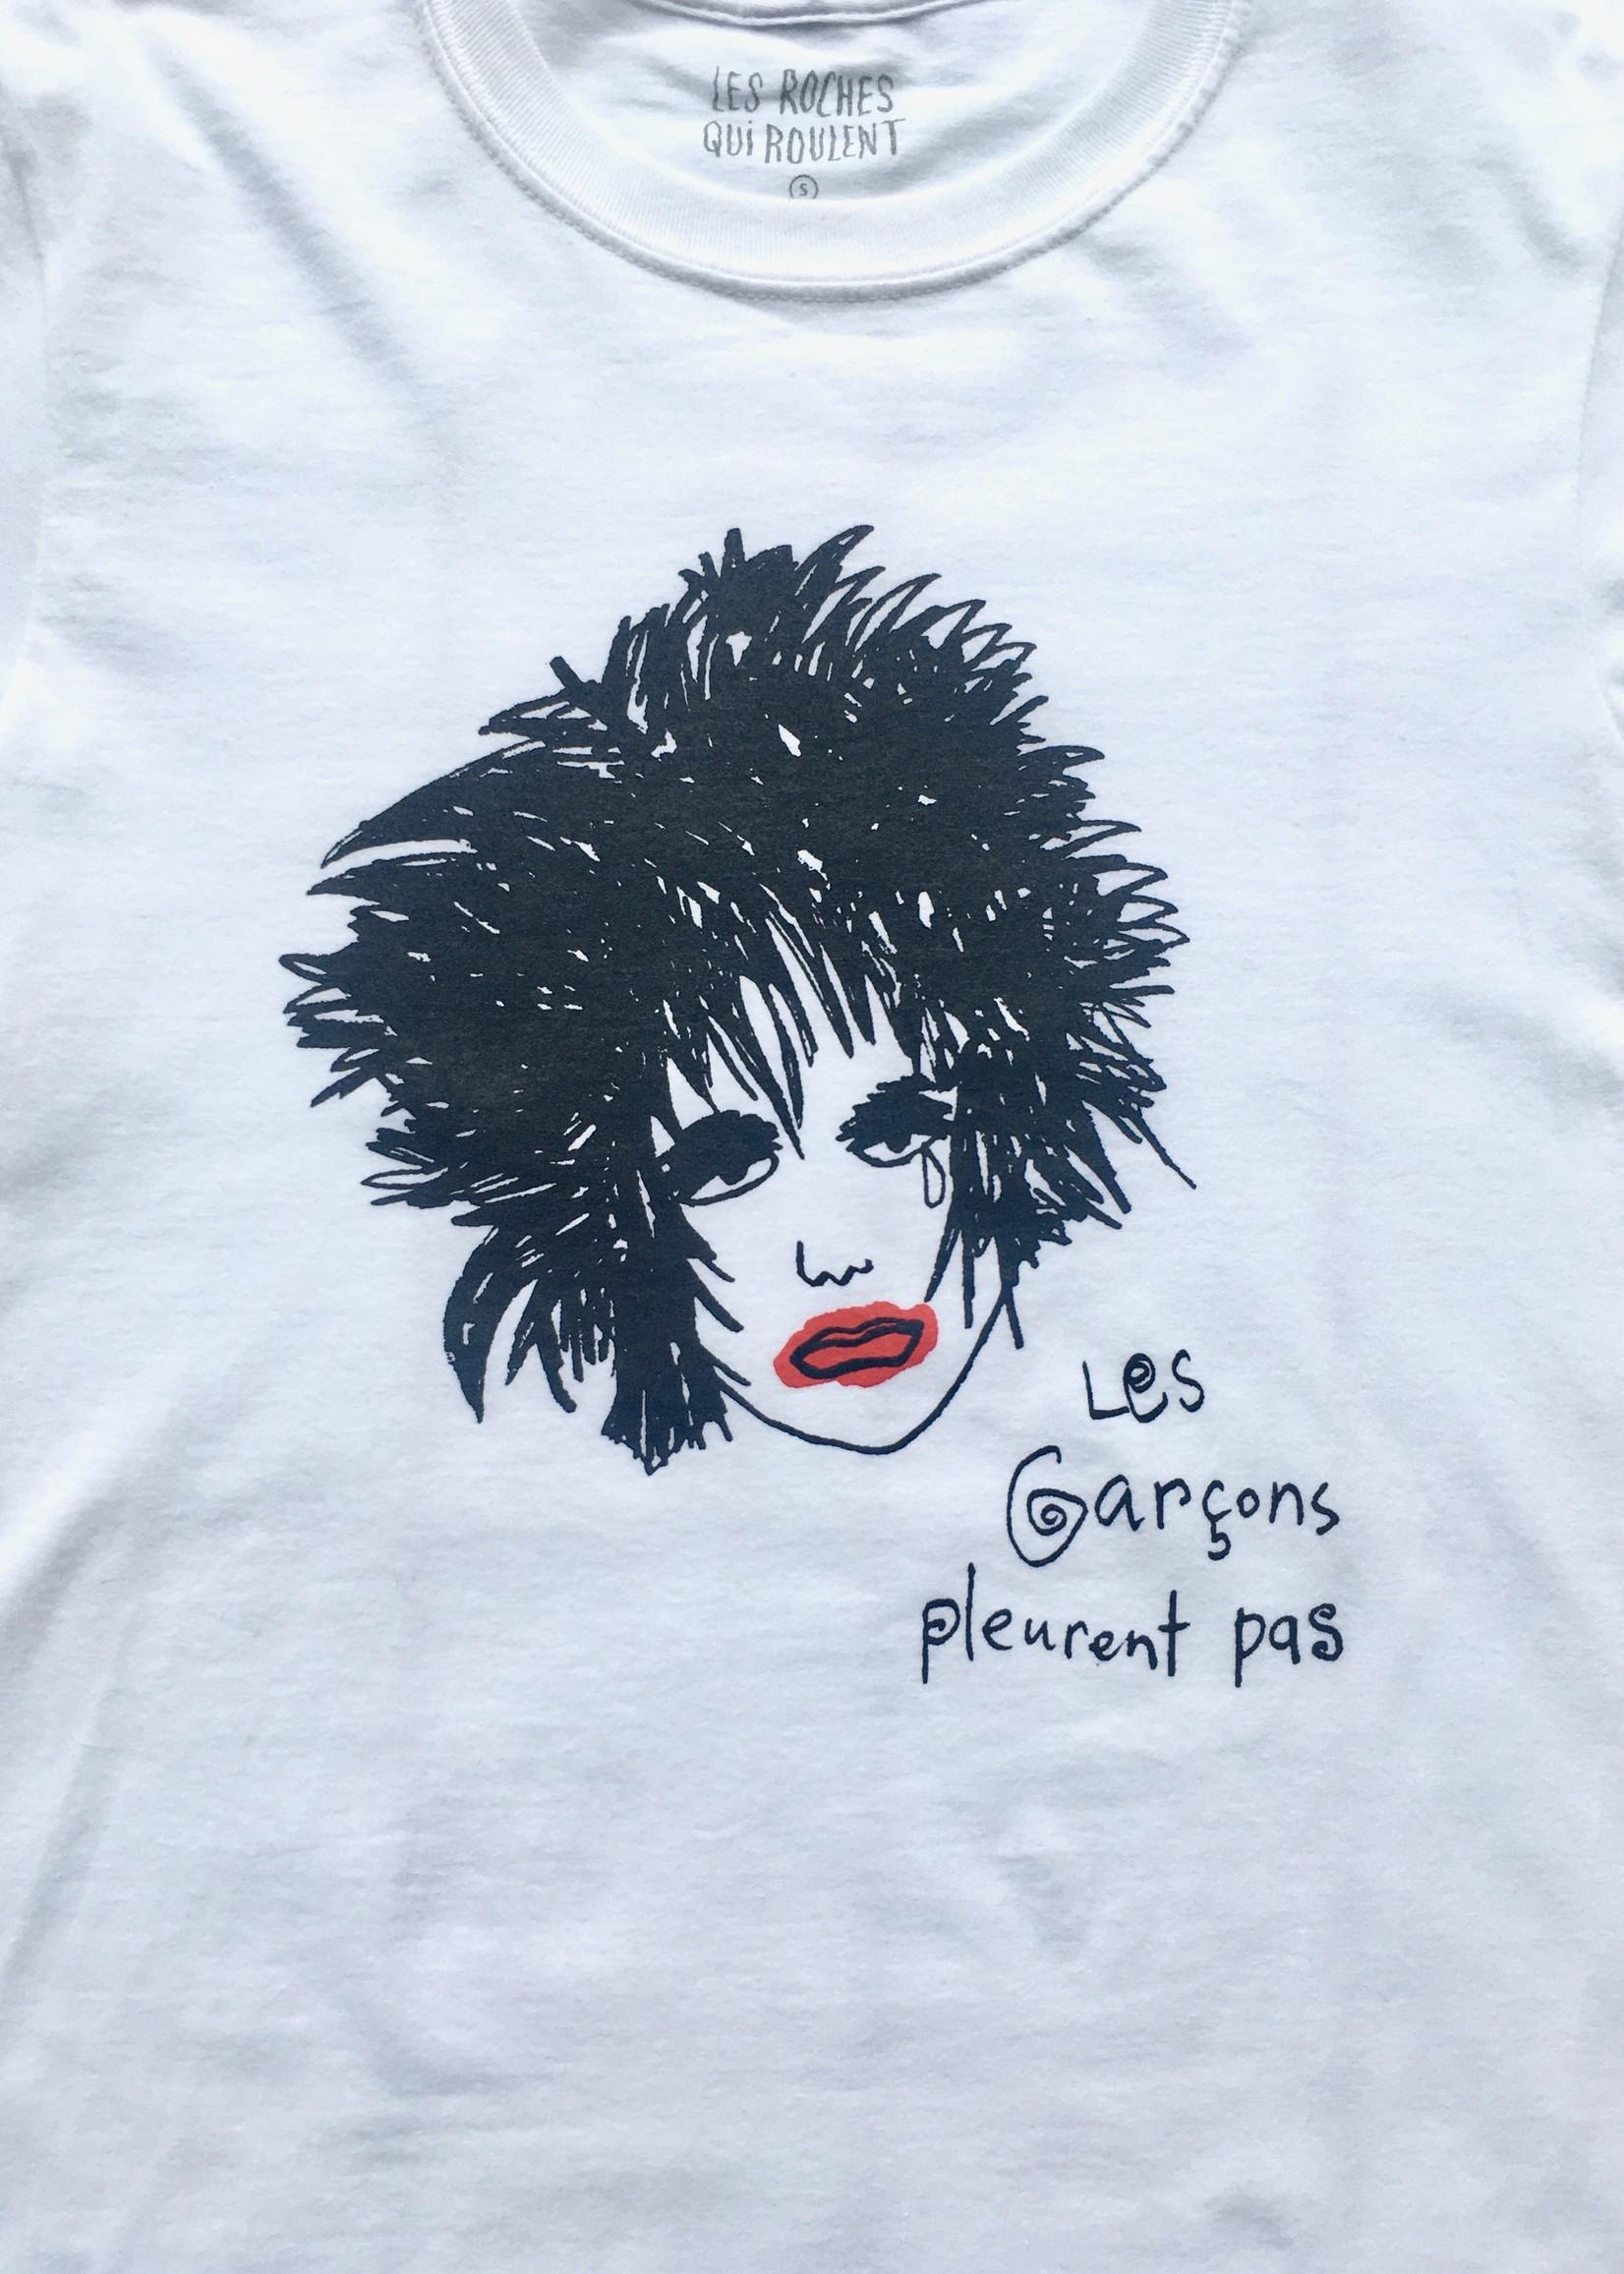 Les Roches Qui Roulent Les Garçons Pleurent Pas T-shirt